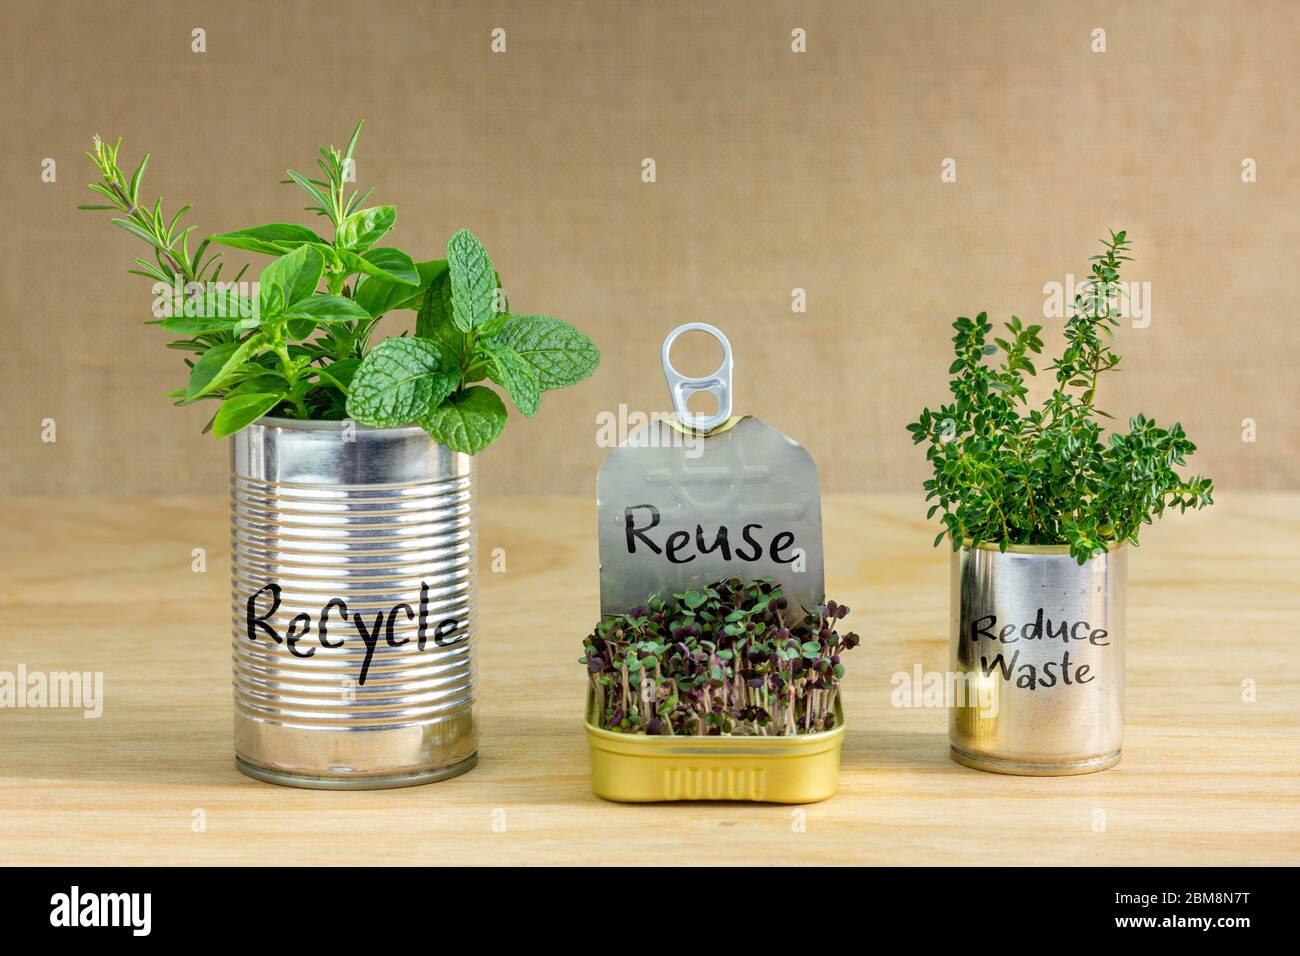 Latas de lata reutilizadas que contienen hierbas y verduras de ensalada en crecimiento con Reciclar, reutilizar, reducir el texto de residuos escrito en latas. Crezca su propio, cero residuos en casa Foto de stock